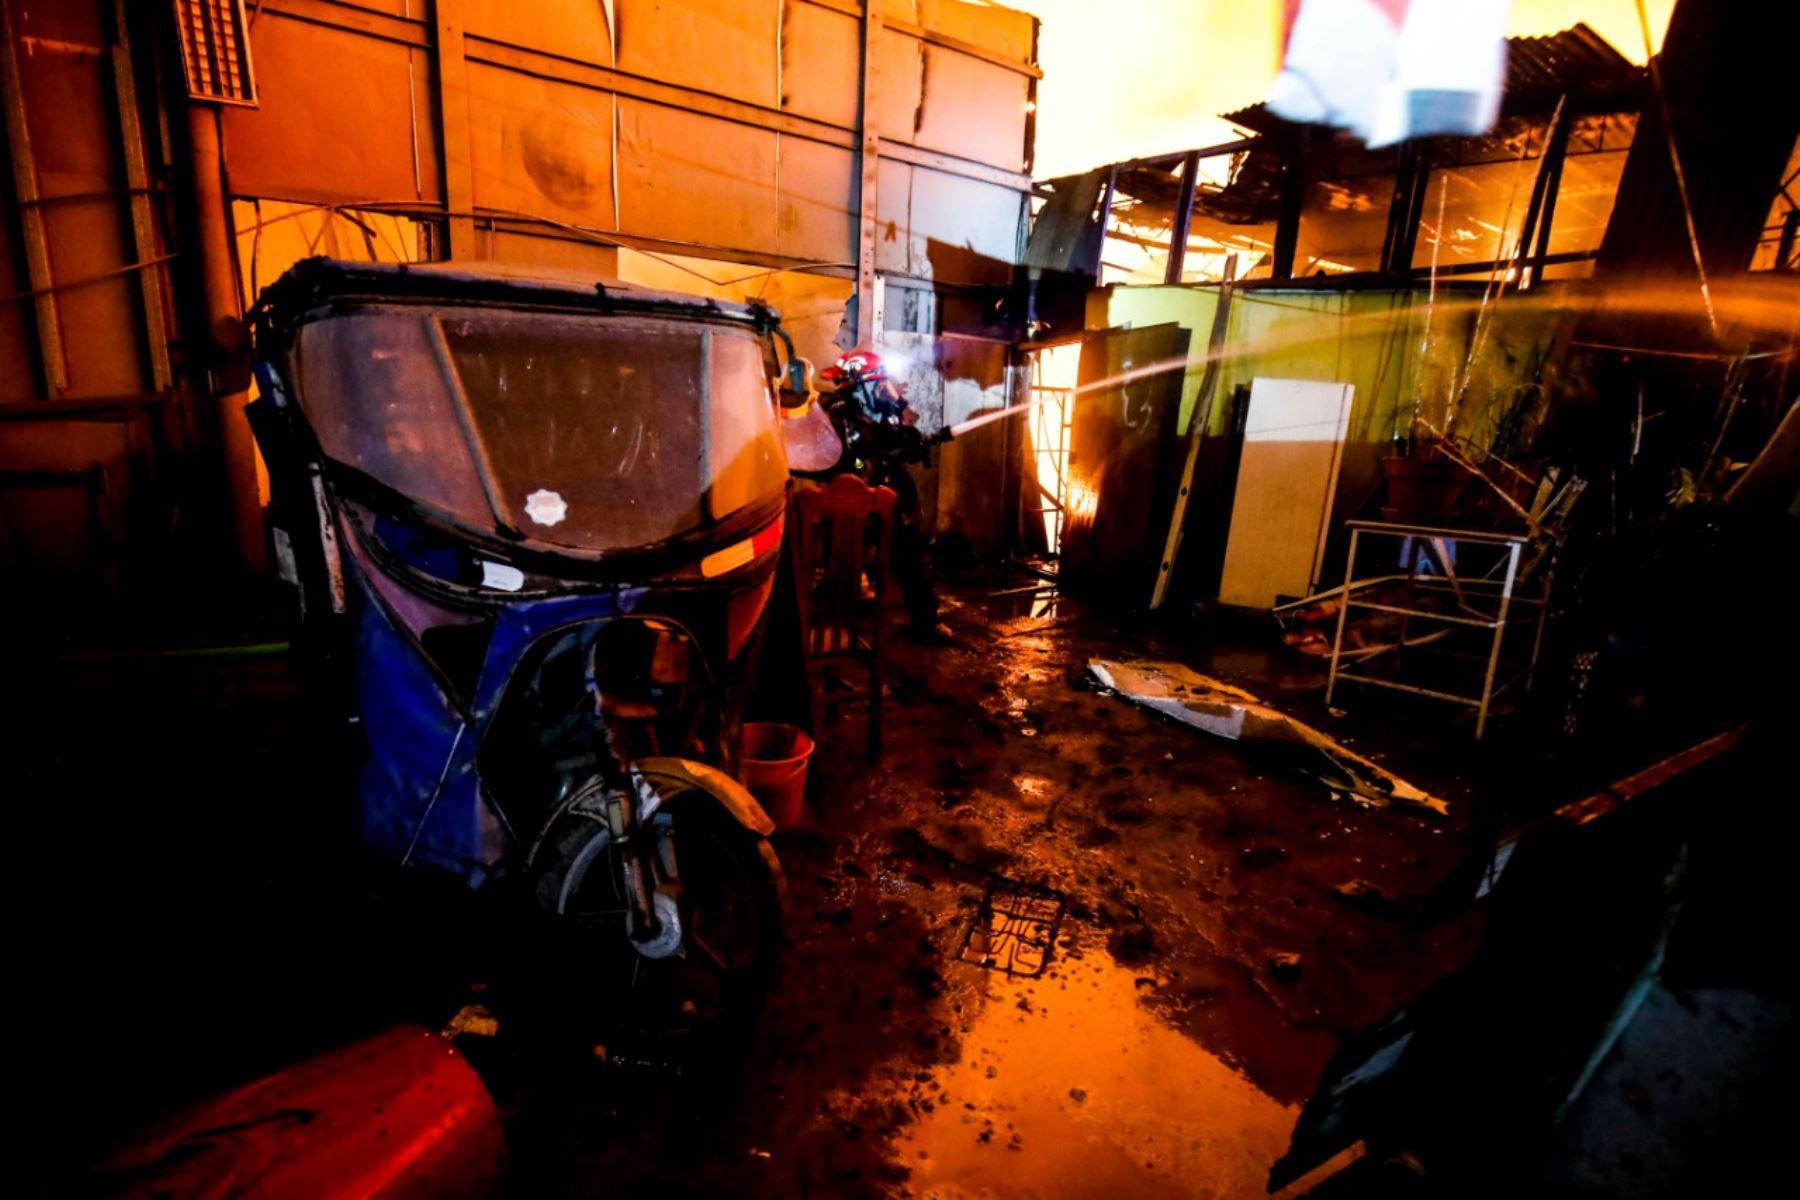 El Centro de Operaciones de Emergencias del Indeci reportó incendio de código 3 en Huachipa. Foto: ANDINA/Difusión